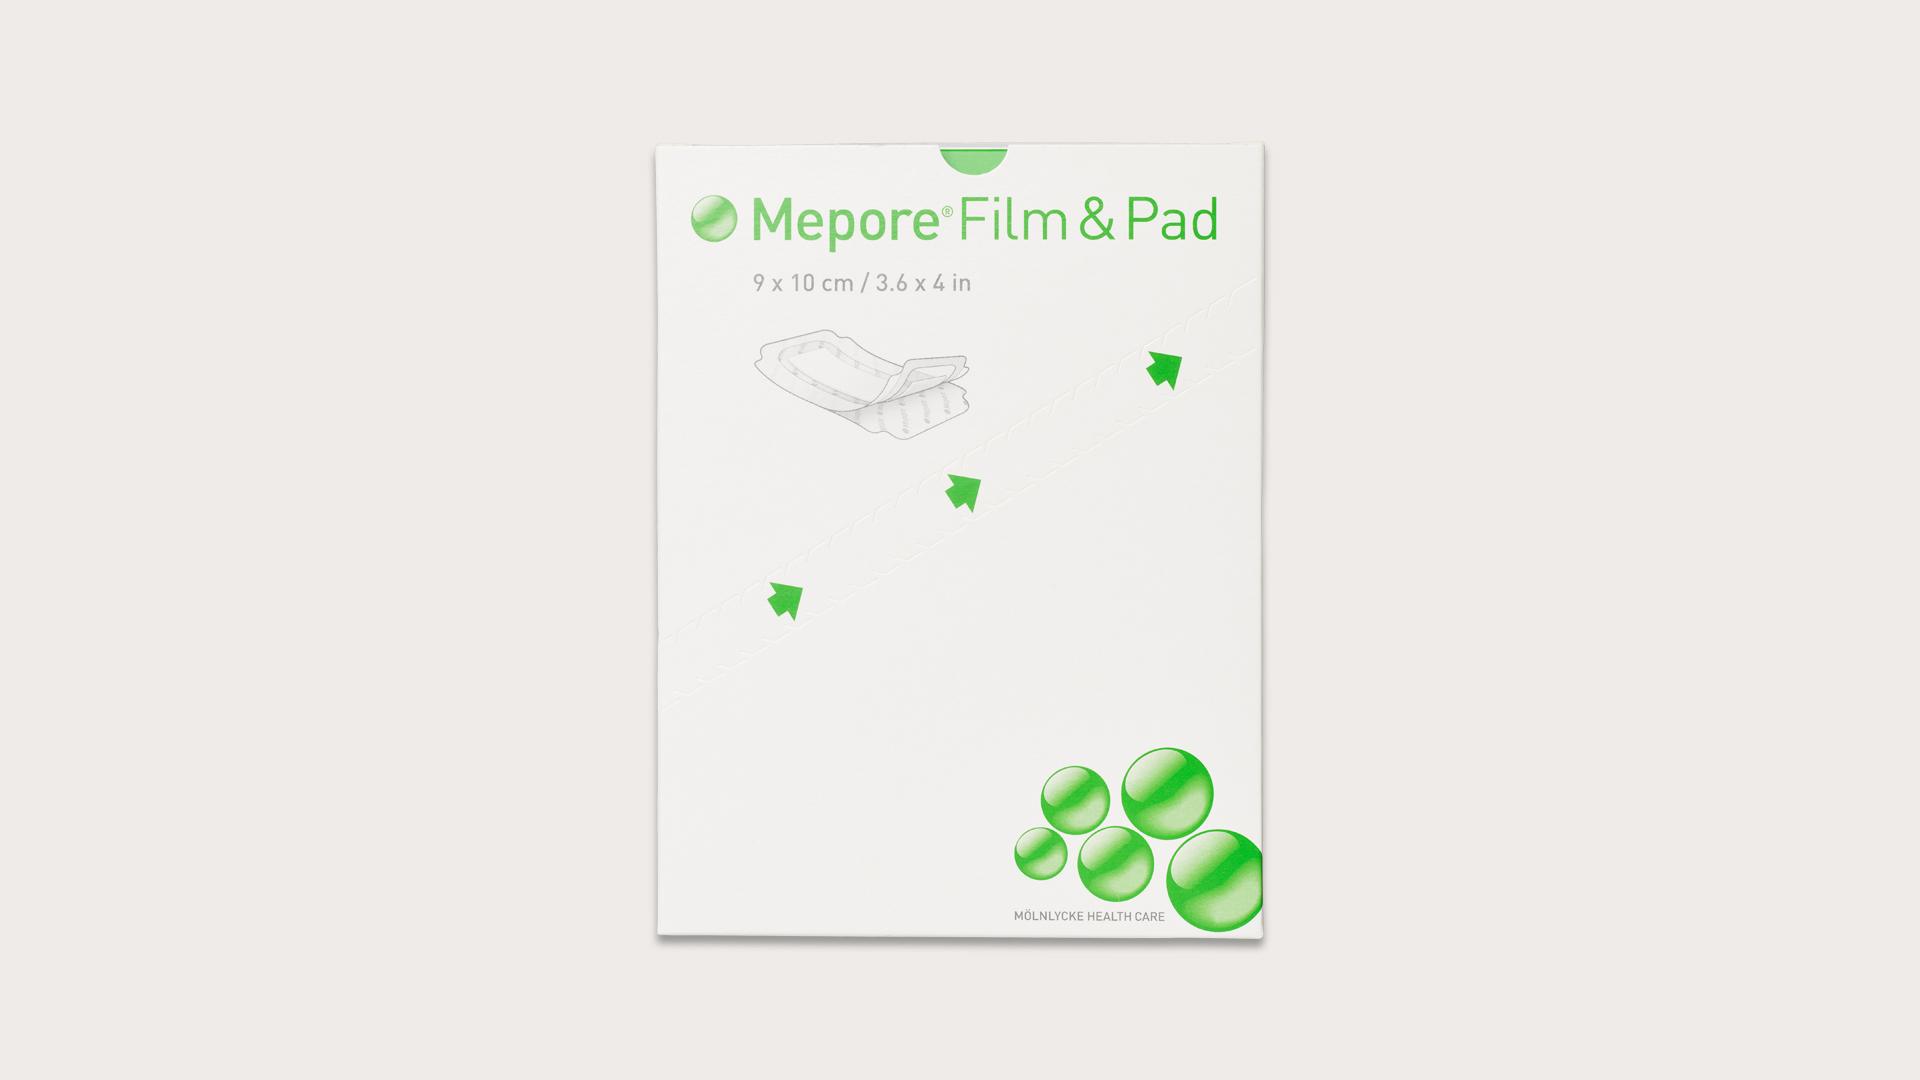 Mepore Film & Pad image